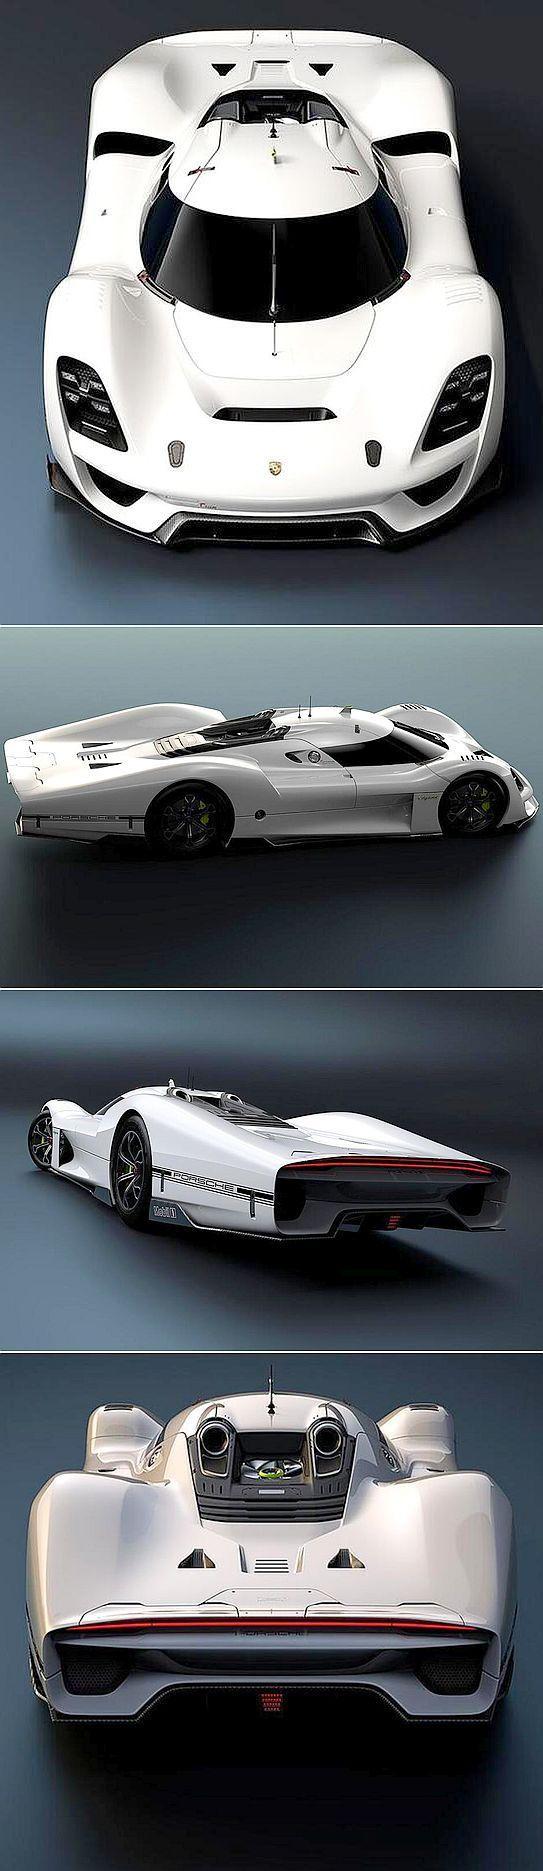 Volkswagen t roc concept automotive exterior rendering pinterest volkswagen sketches and car sketch